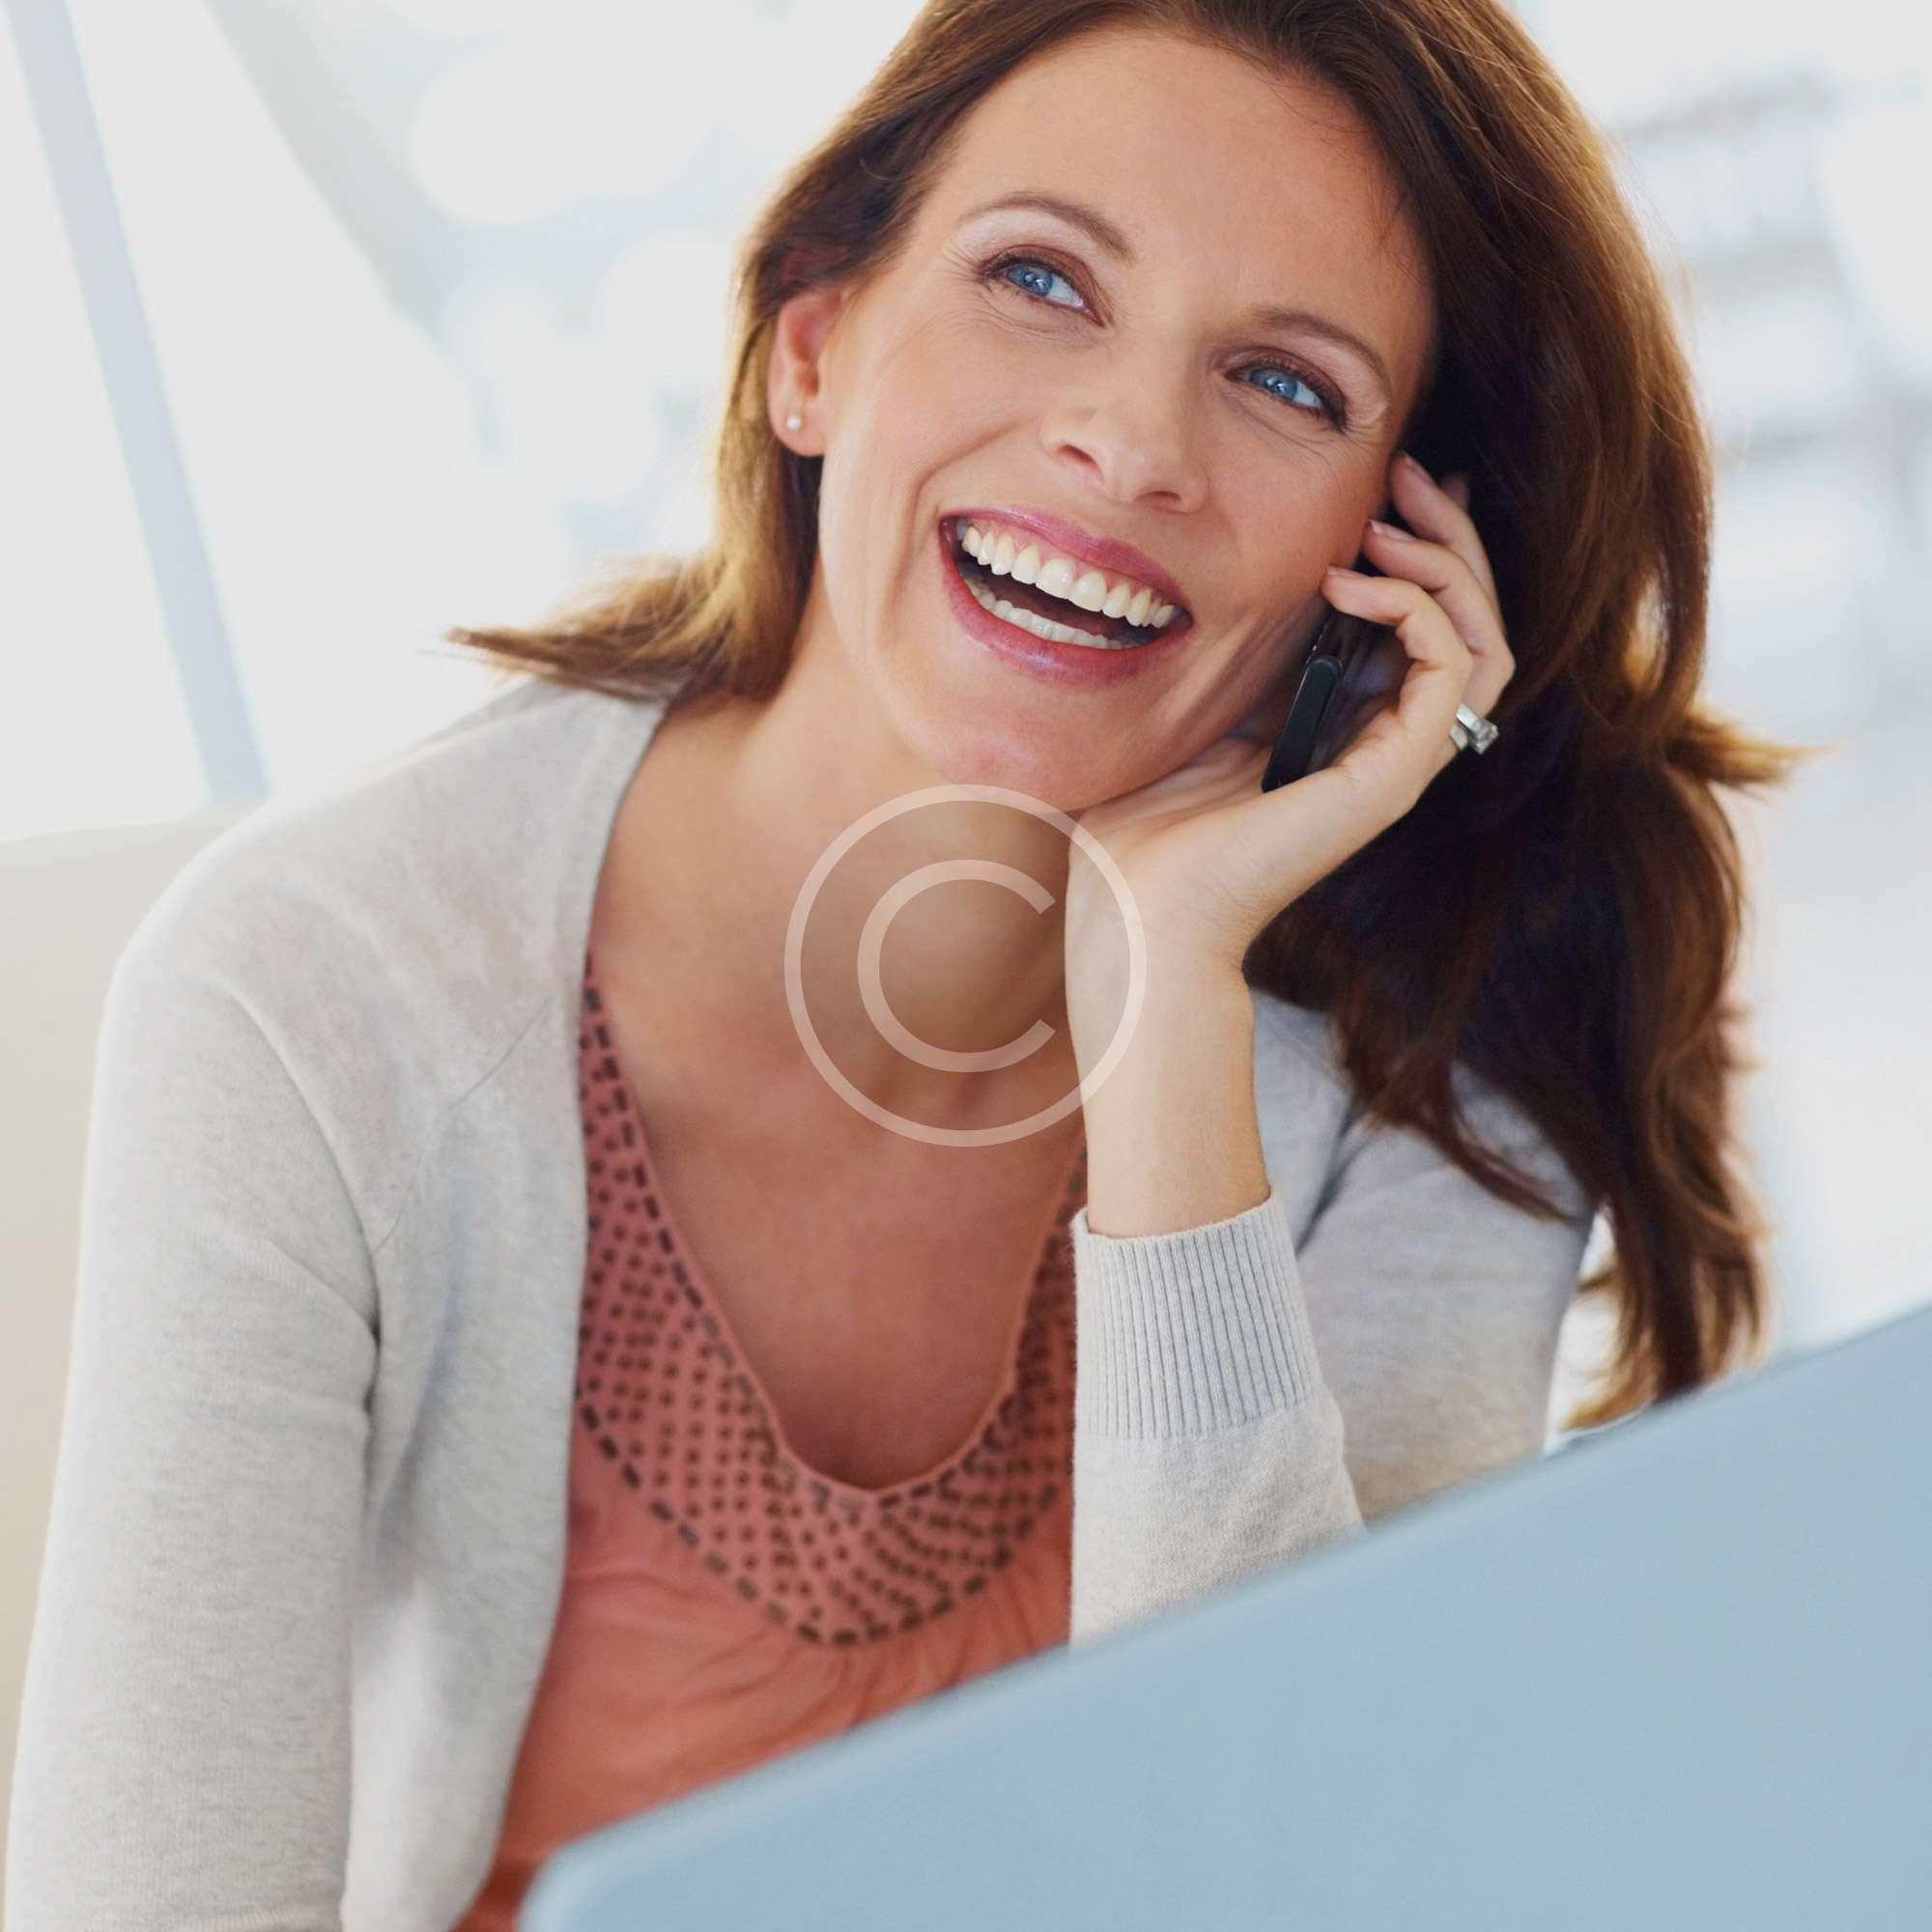 Online Συμβουλευτική – Ψυχολογική υποστήριξη με βιντεοκλήση